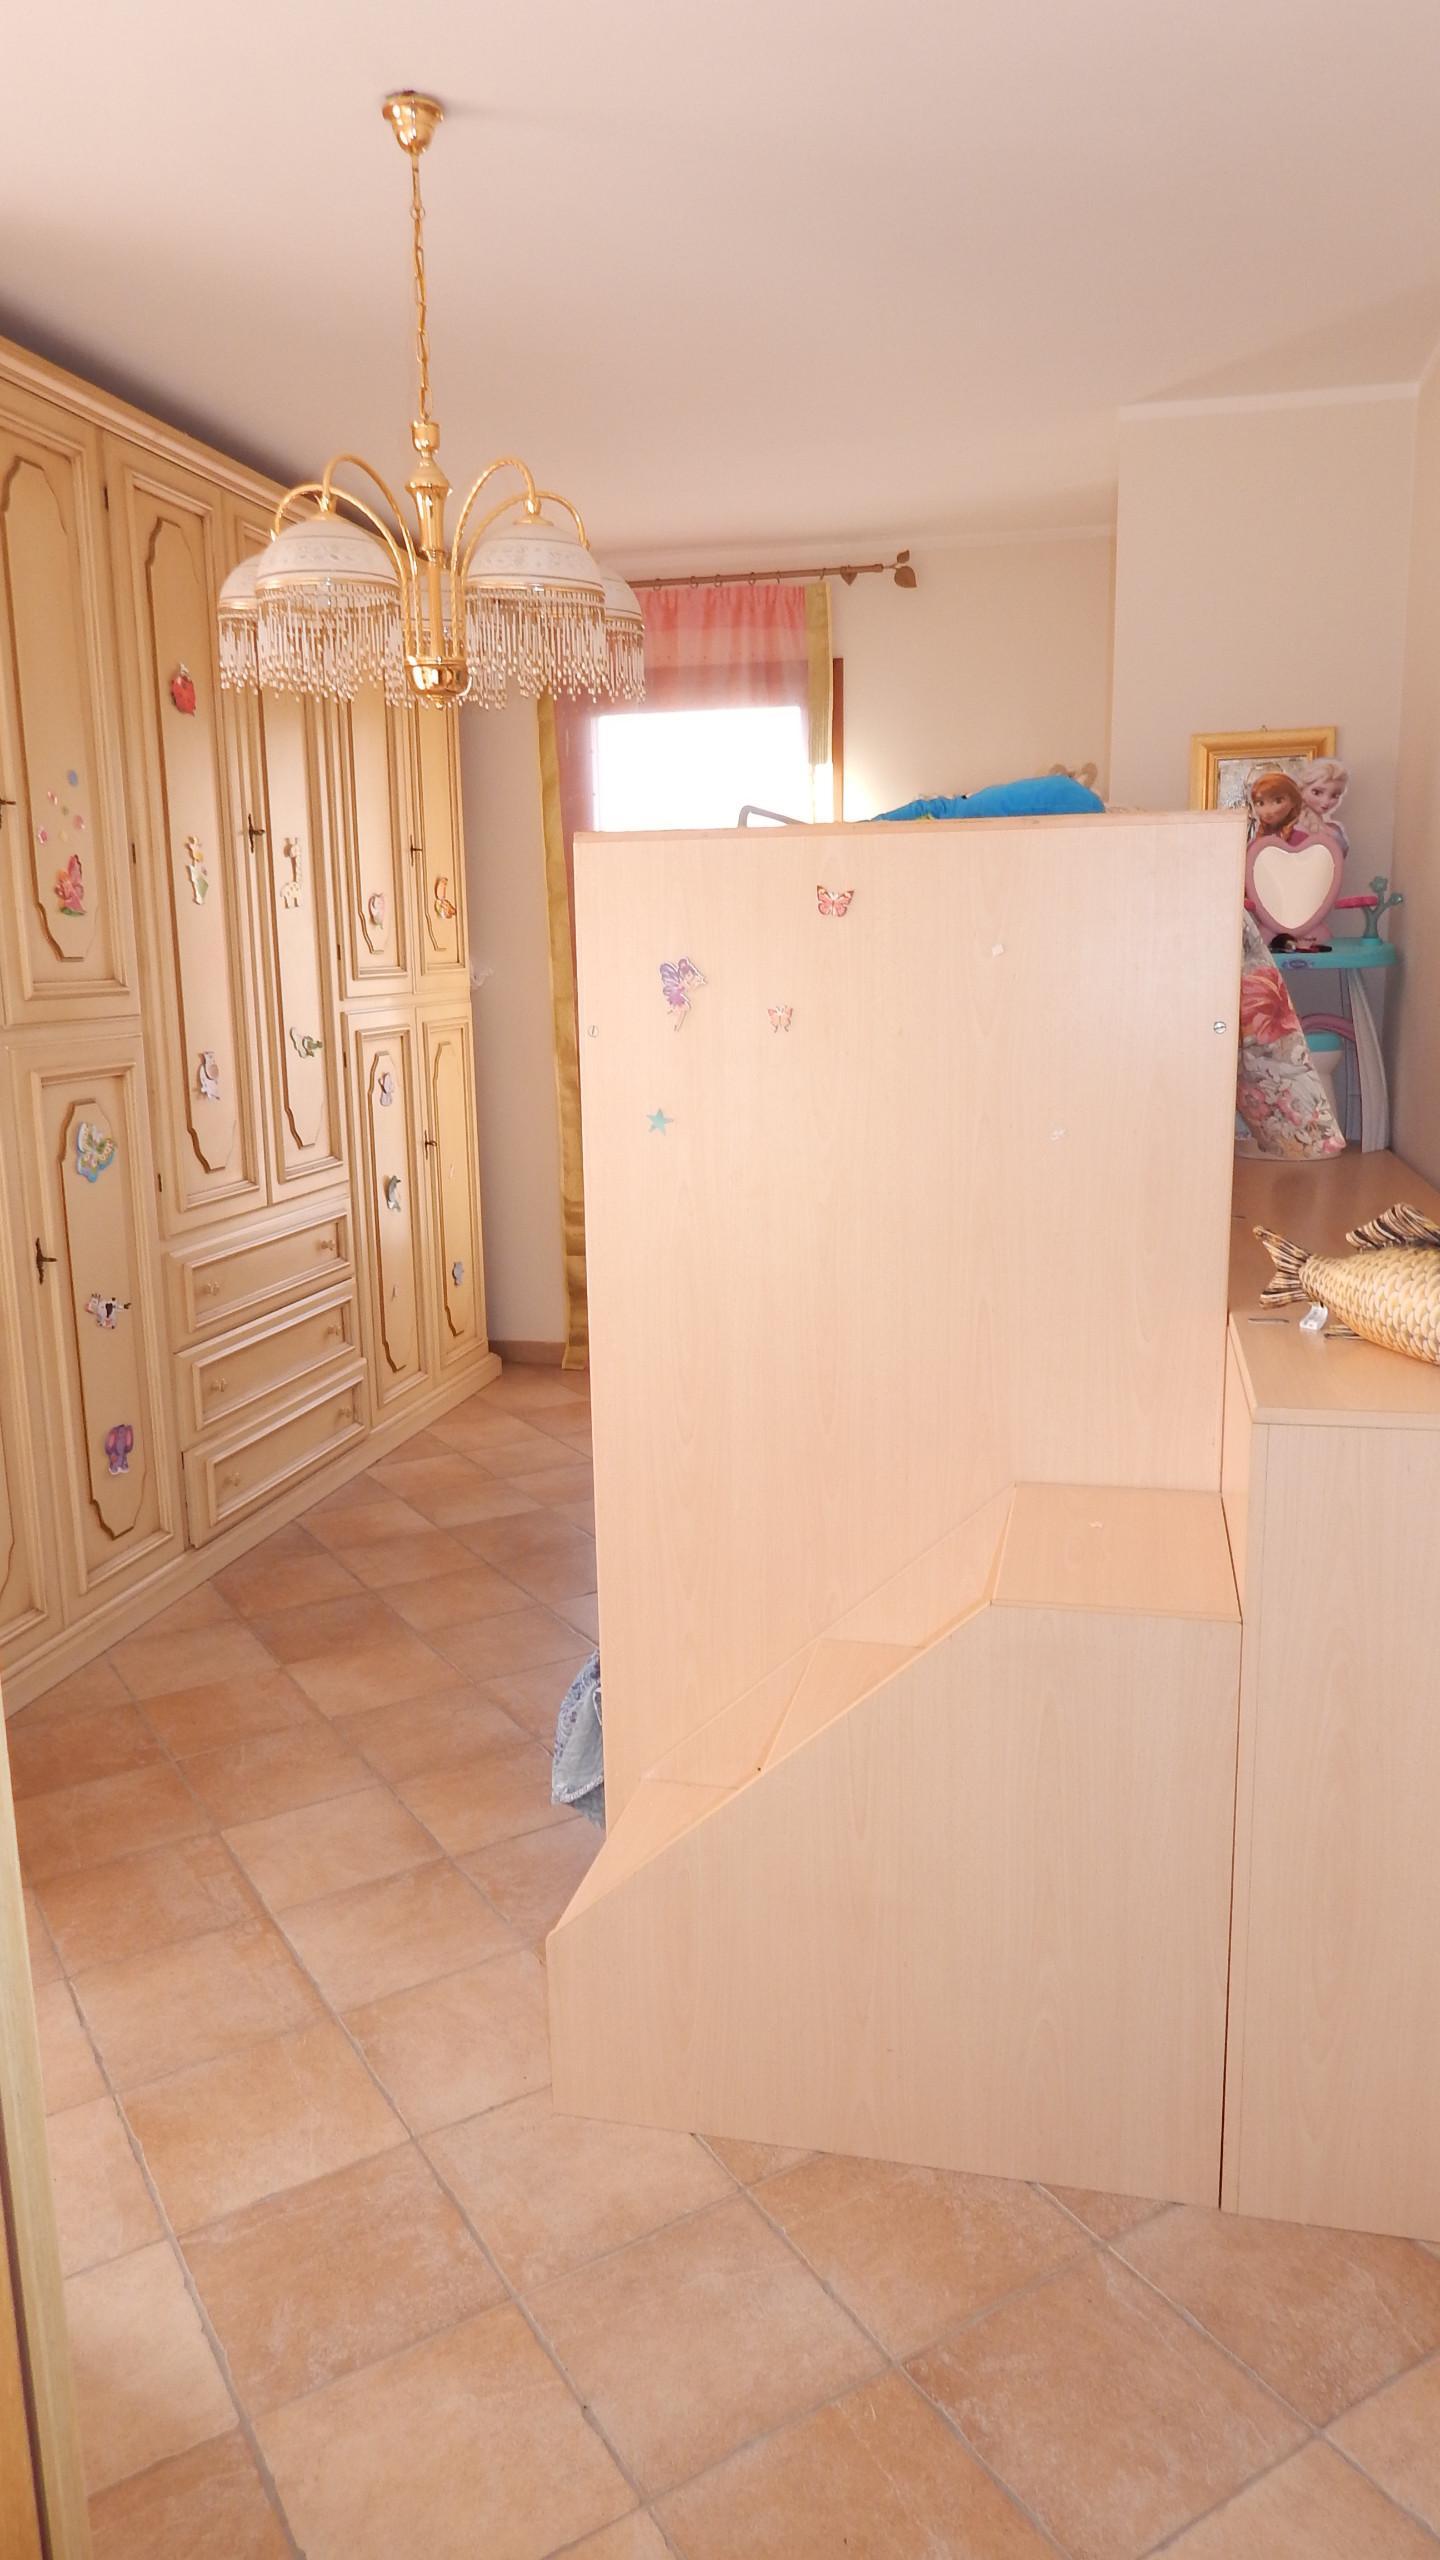 Villetta a schiera angolare in vendita, rif. AR295